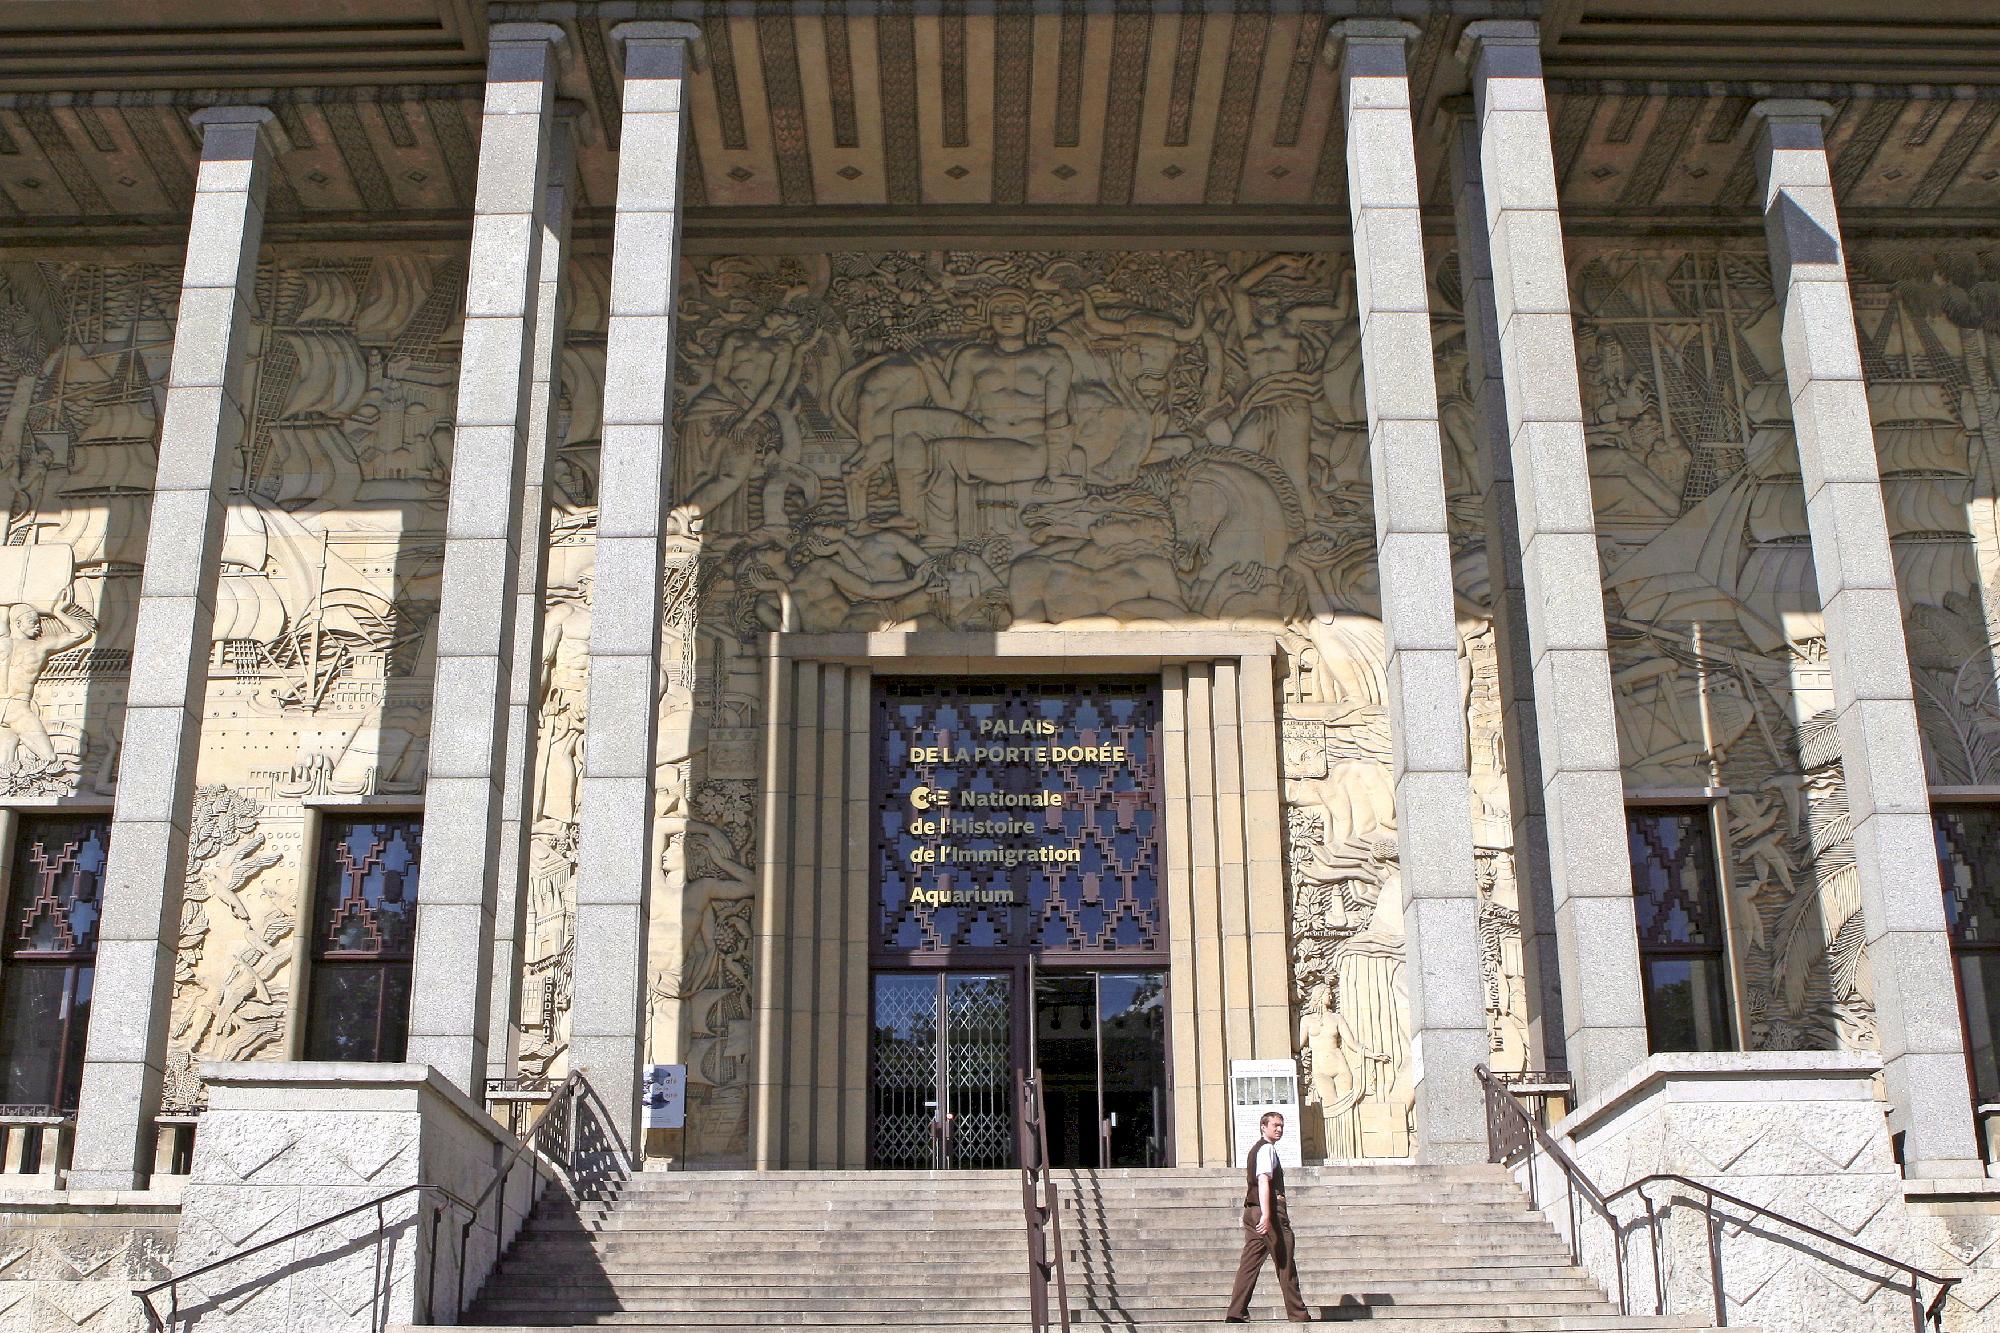 Cité Nationale de l'Histoire de l'Immigration - Palais de la Porte Dorée